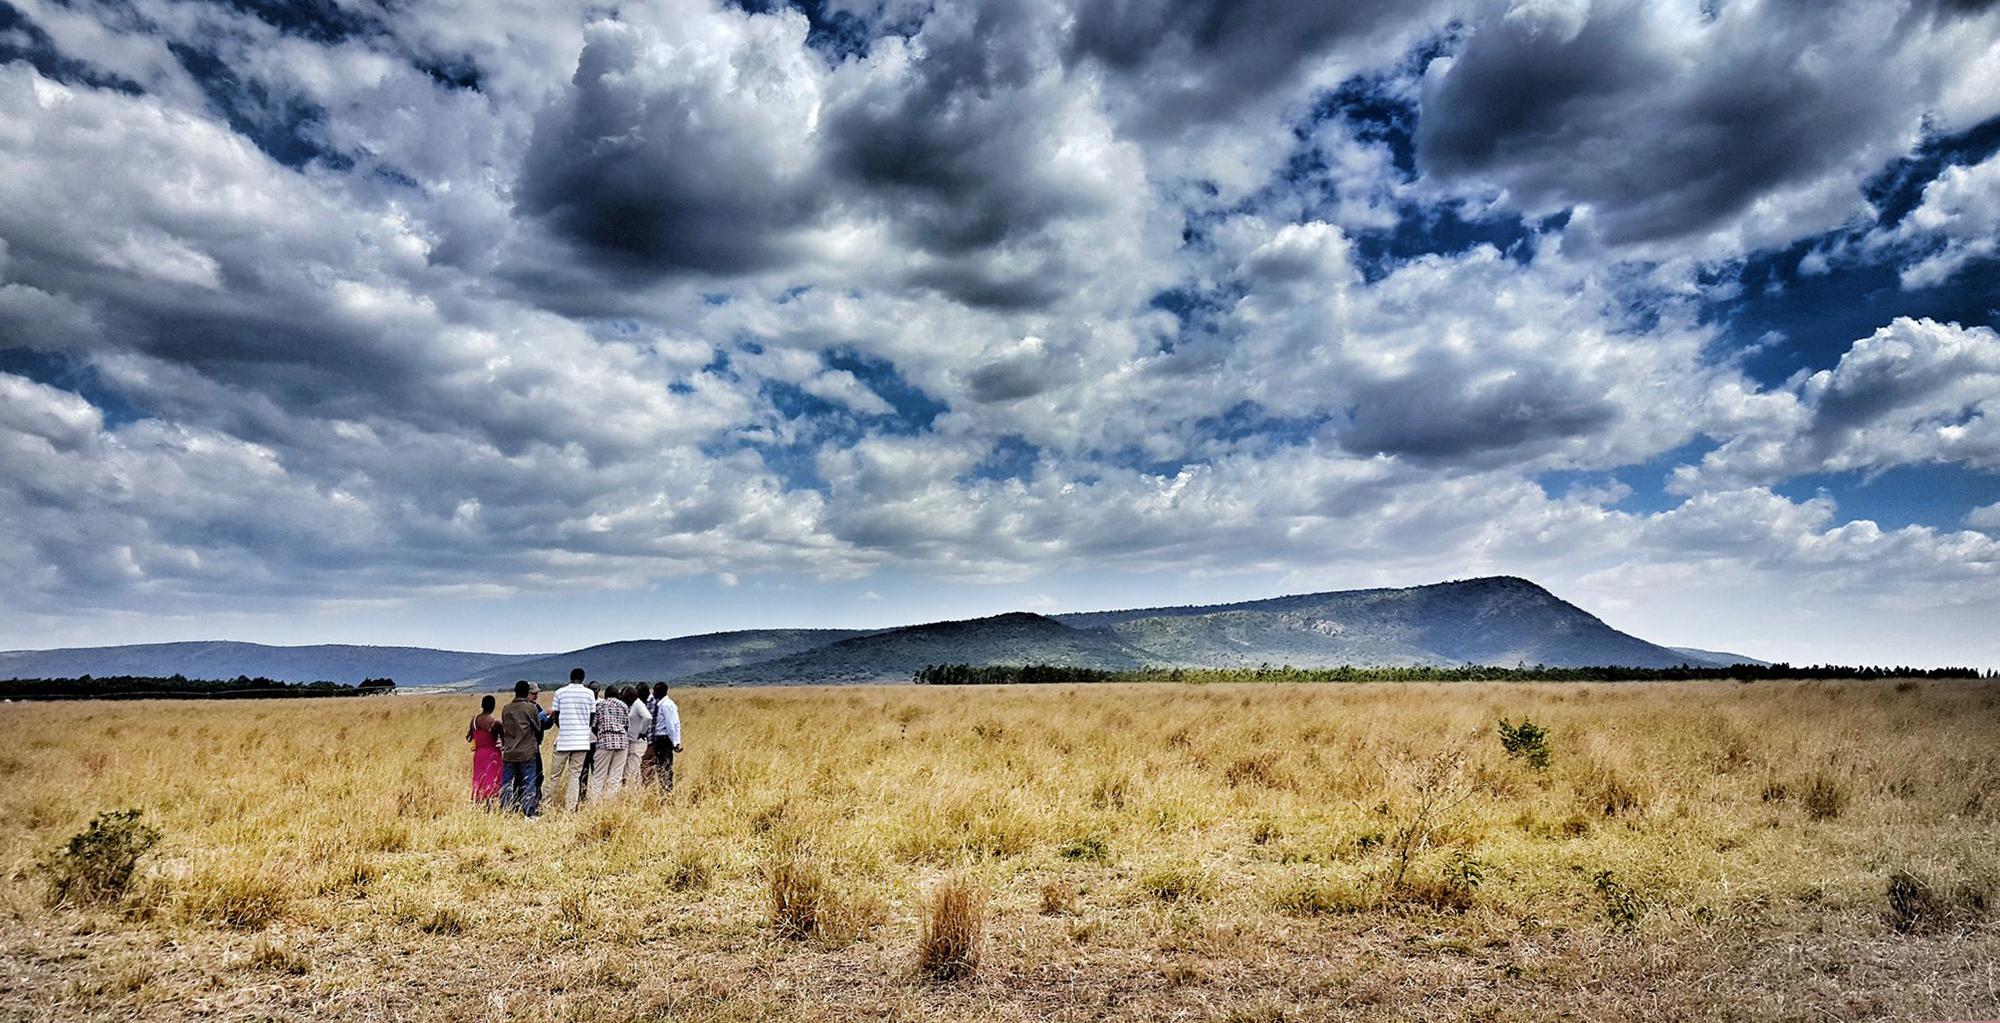 Enonkishu-Kenya-Landscape